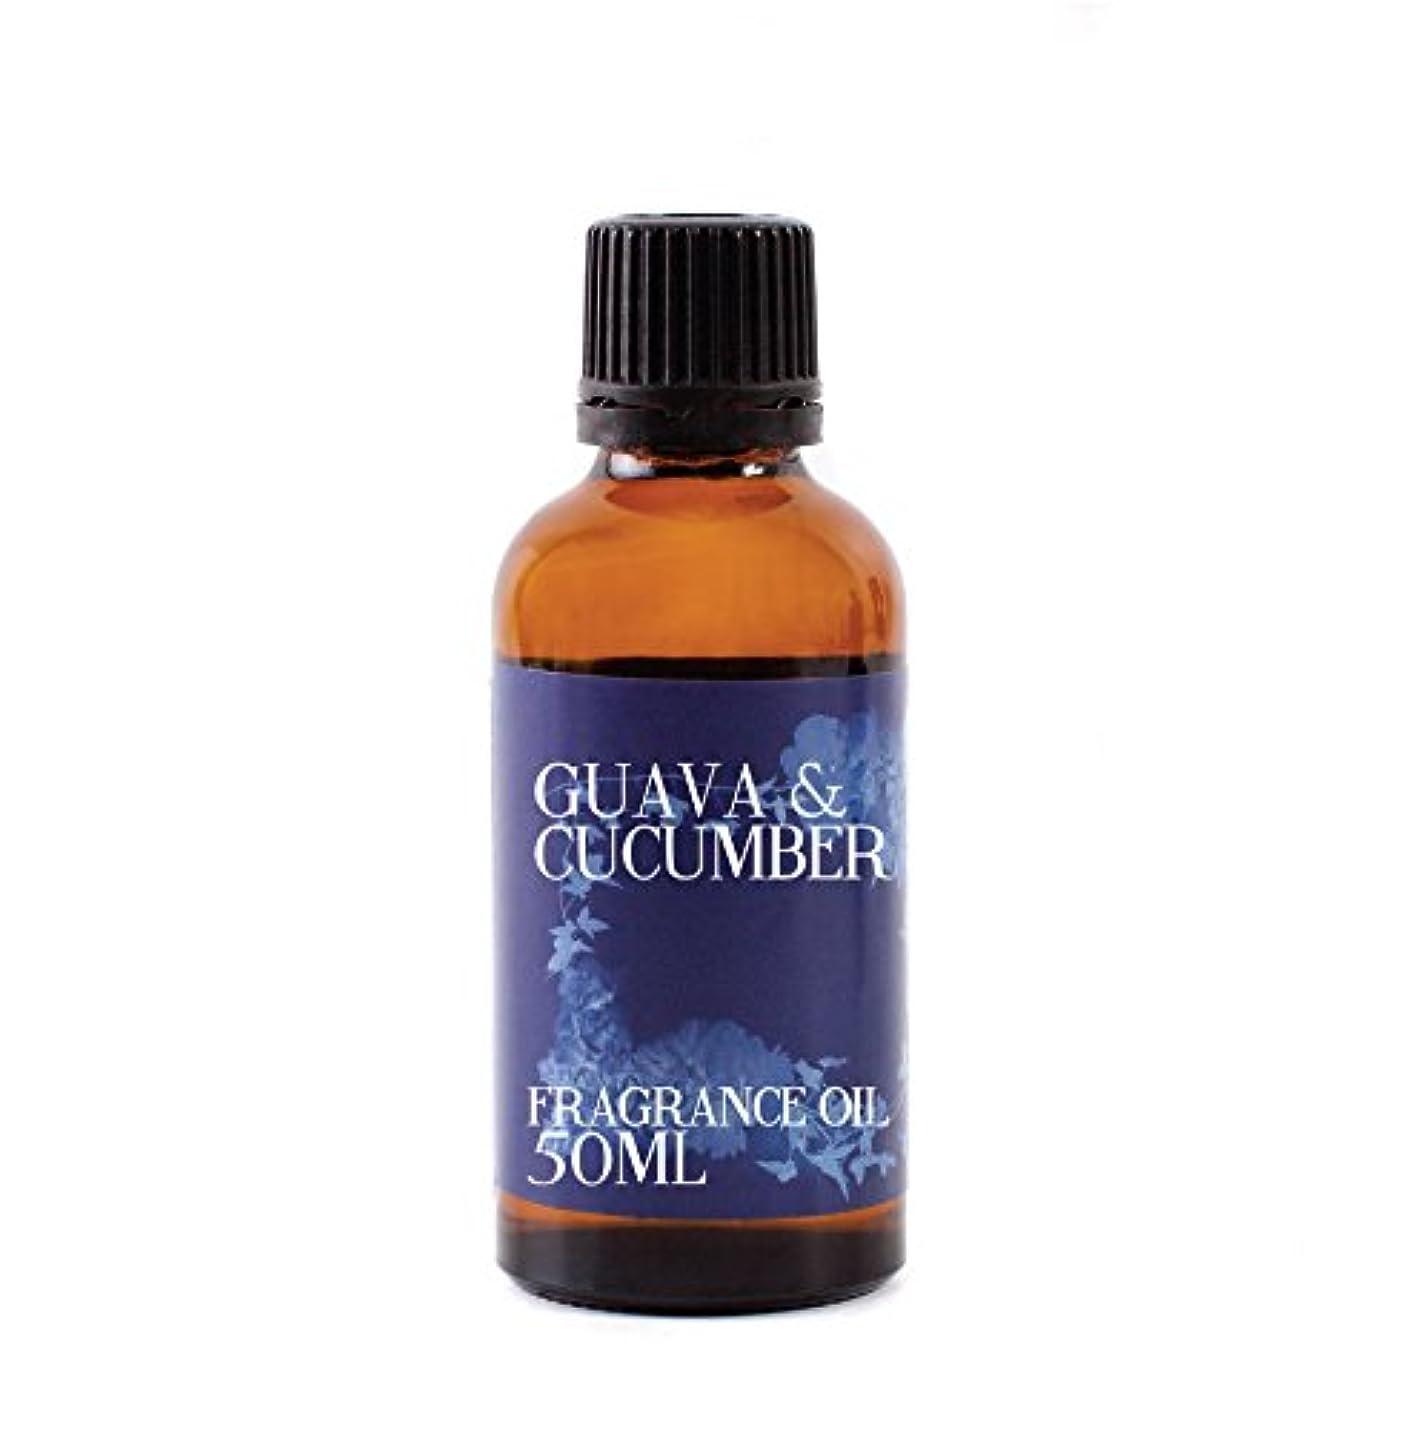 マイナスシャープなめるGuava & Cucumber Fragrance Oil - 50ml